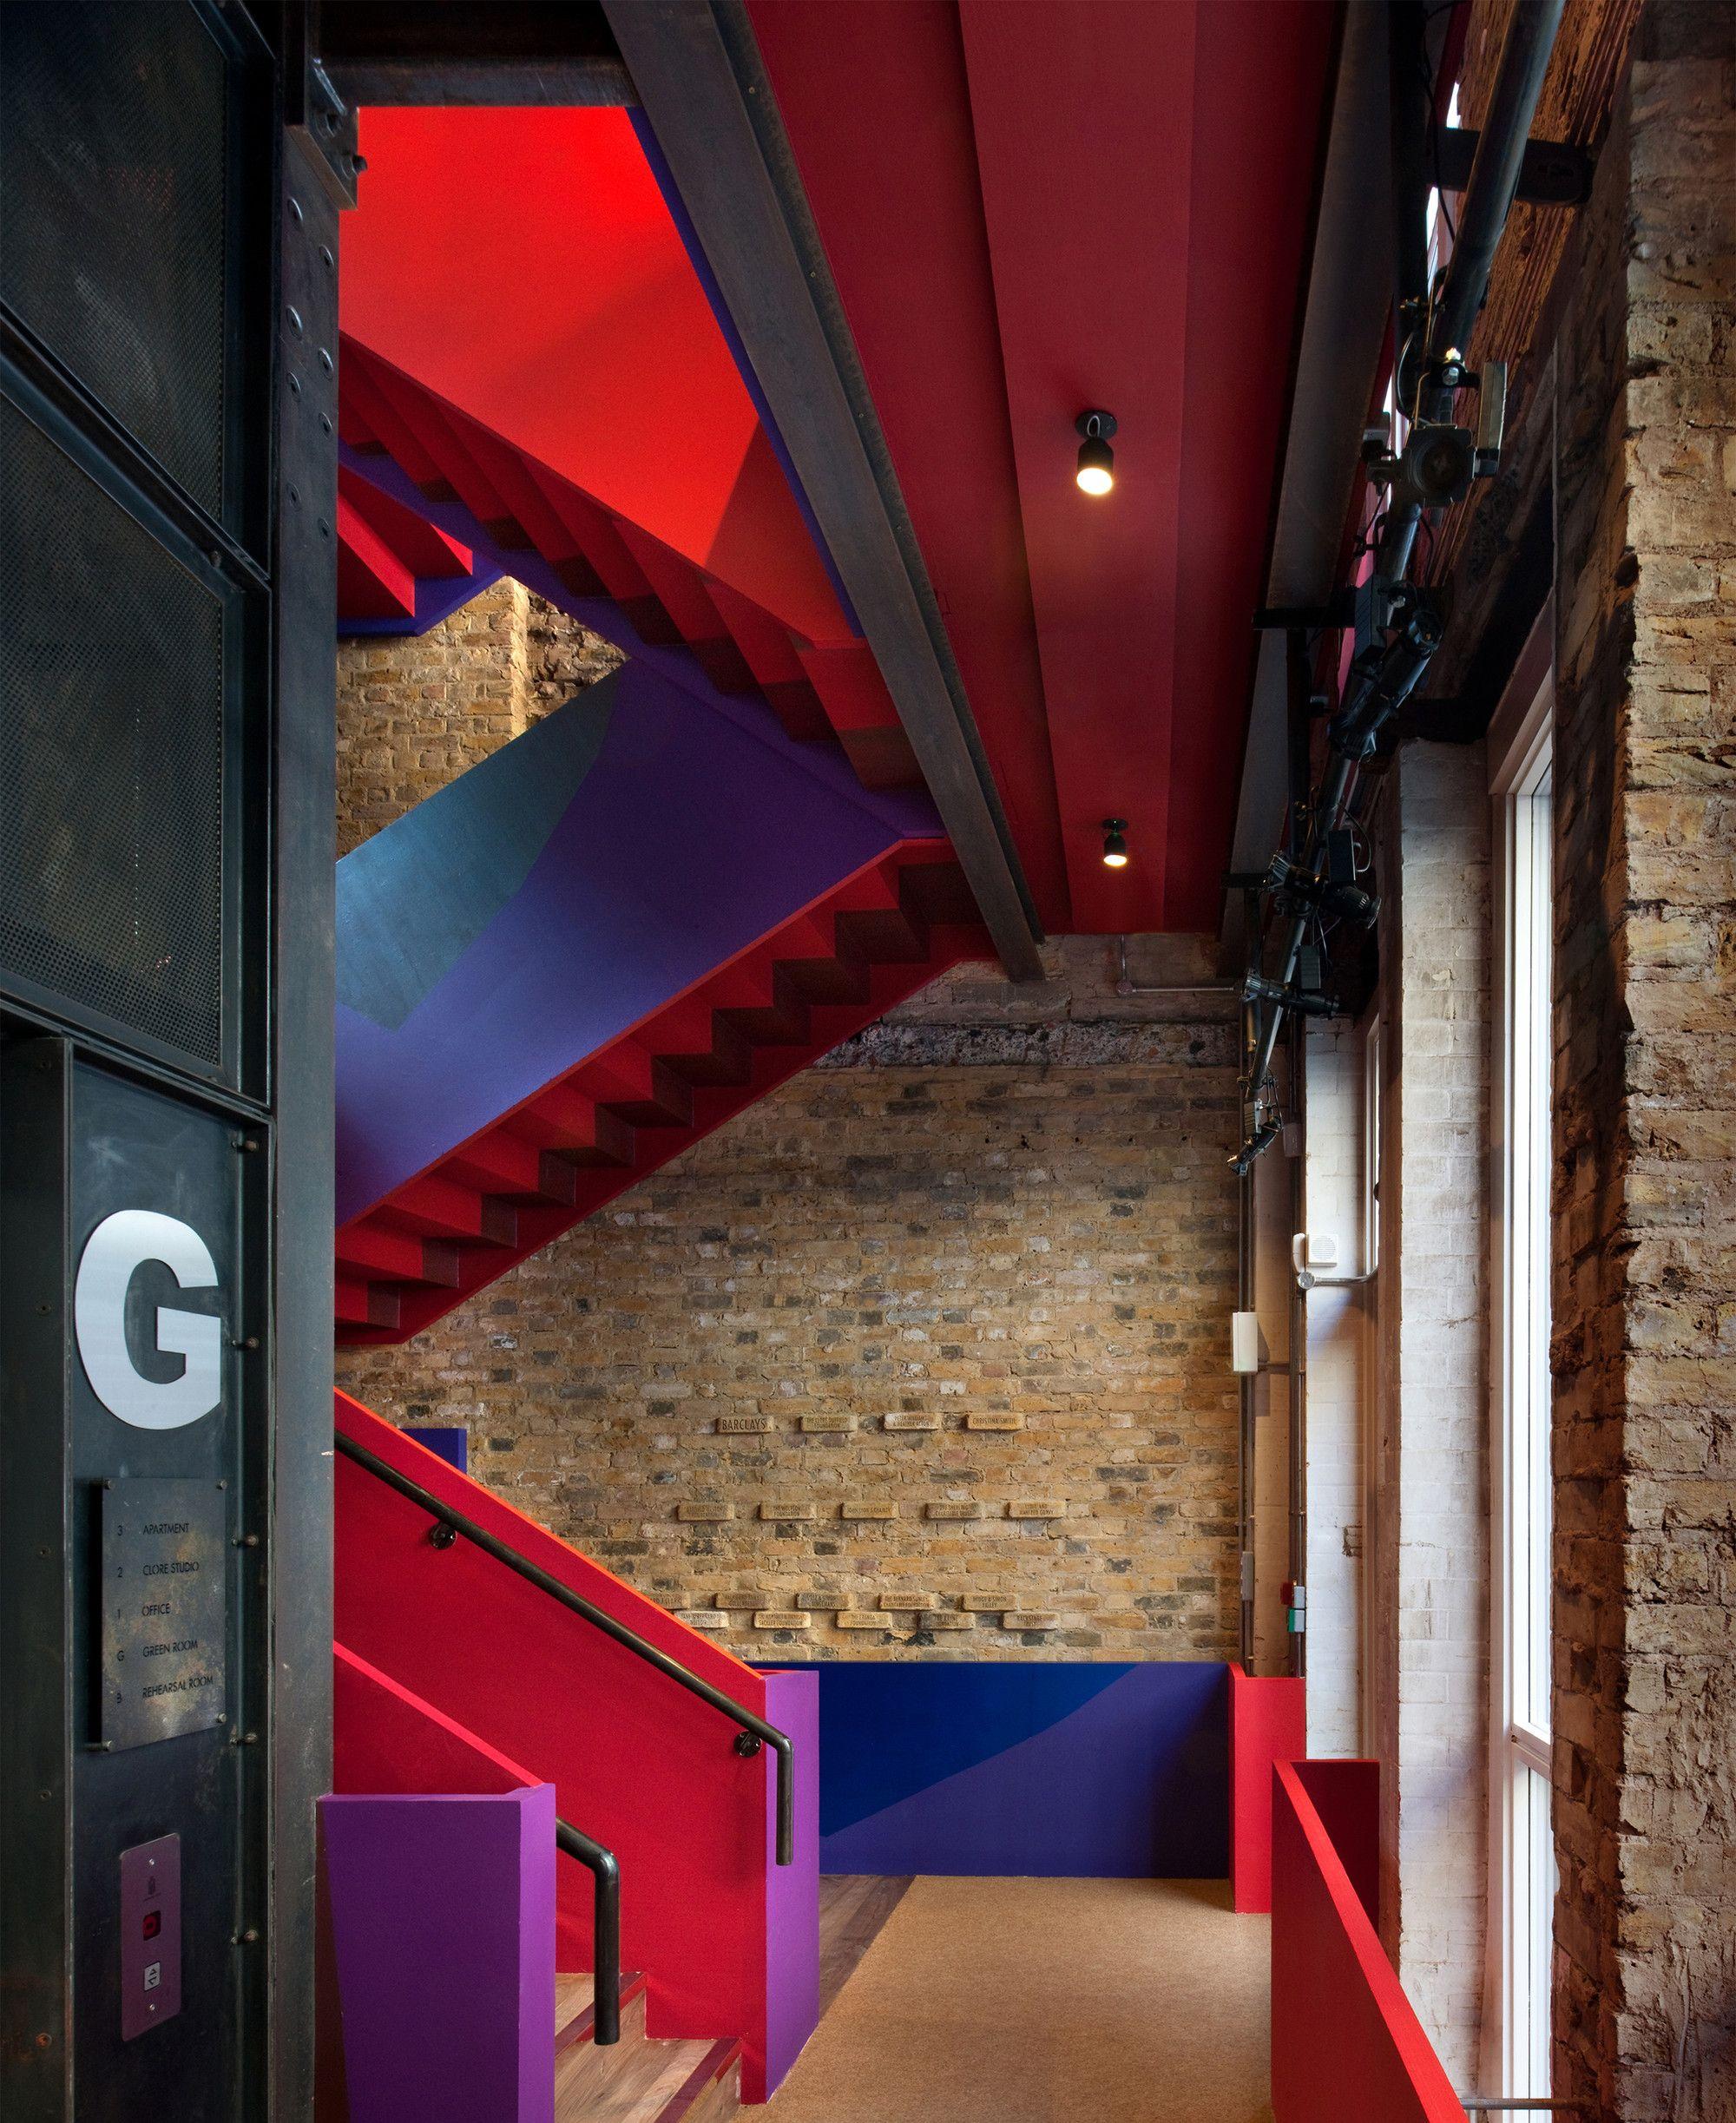 Compañía de teatro Donmar Dryden Street,© Philip Vile